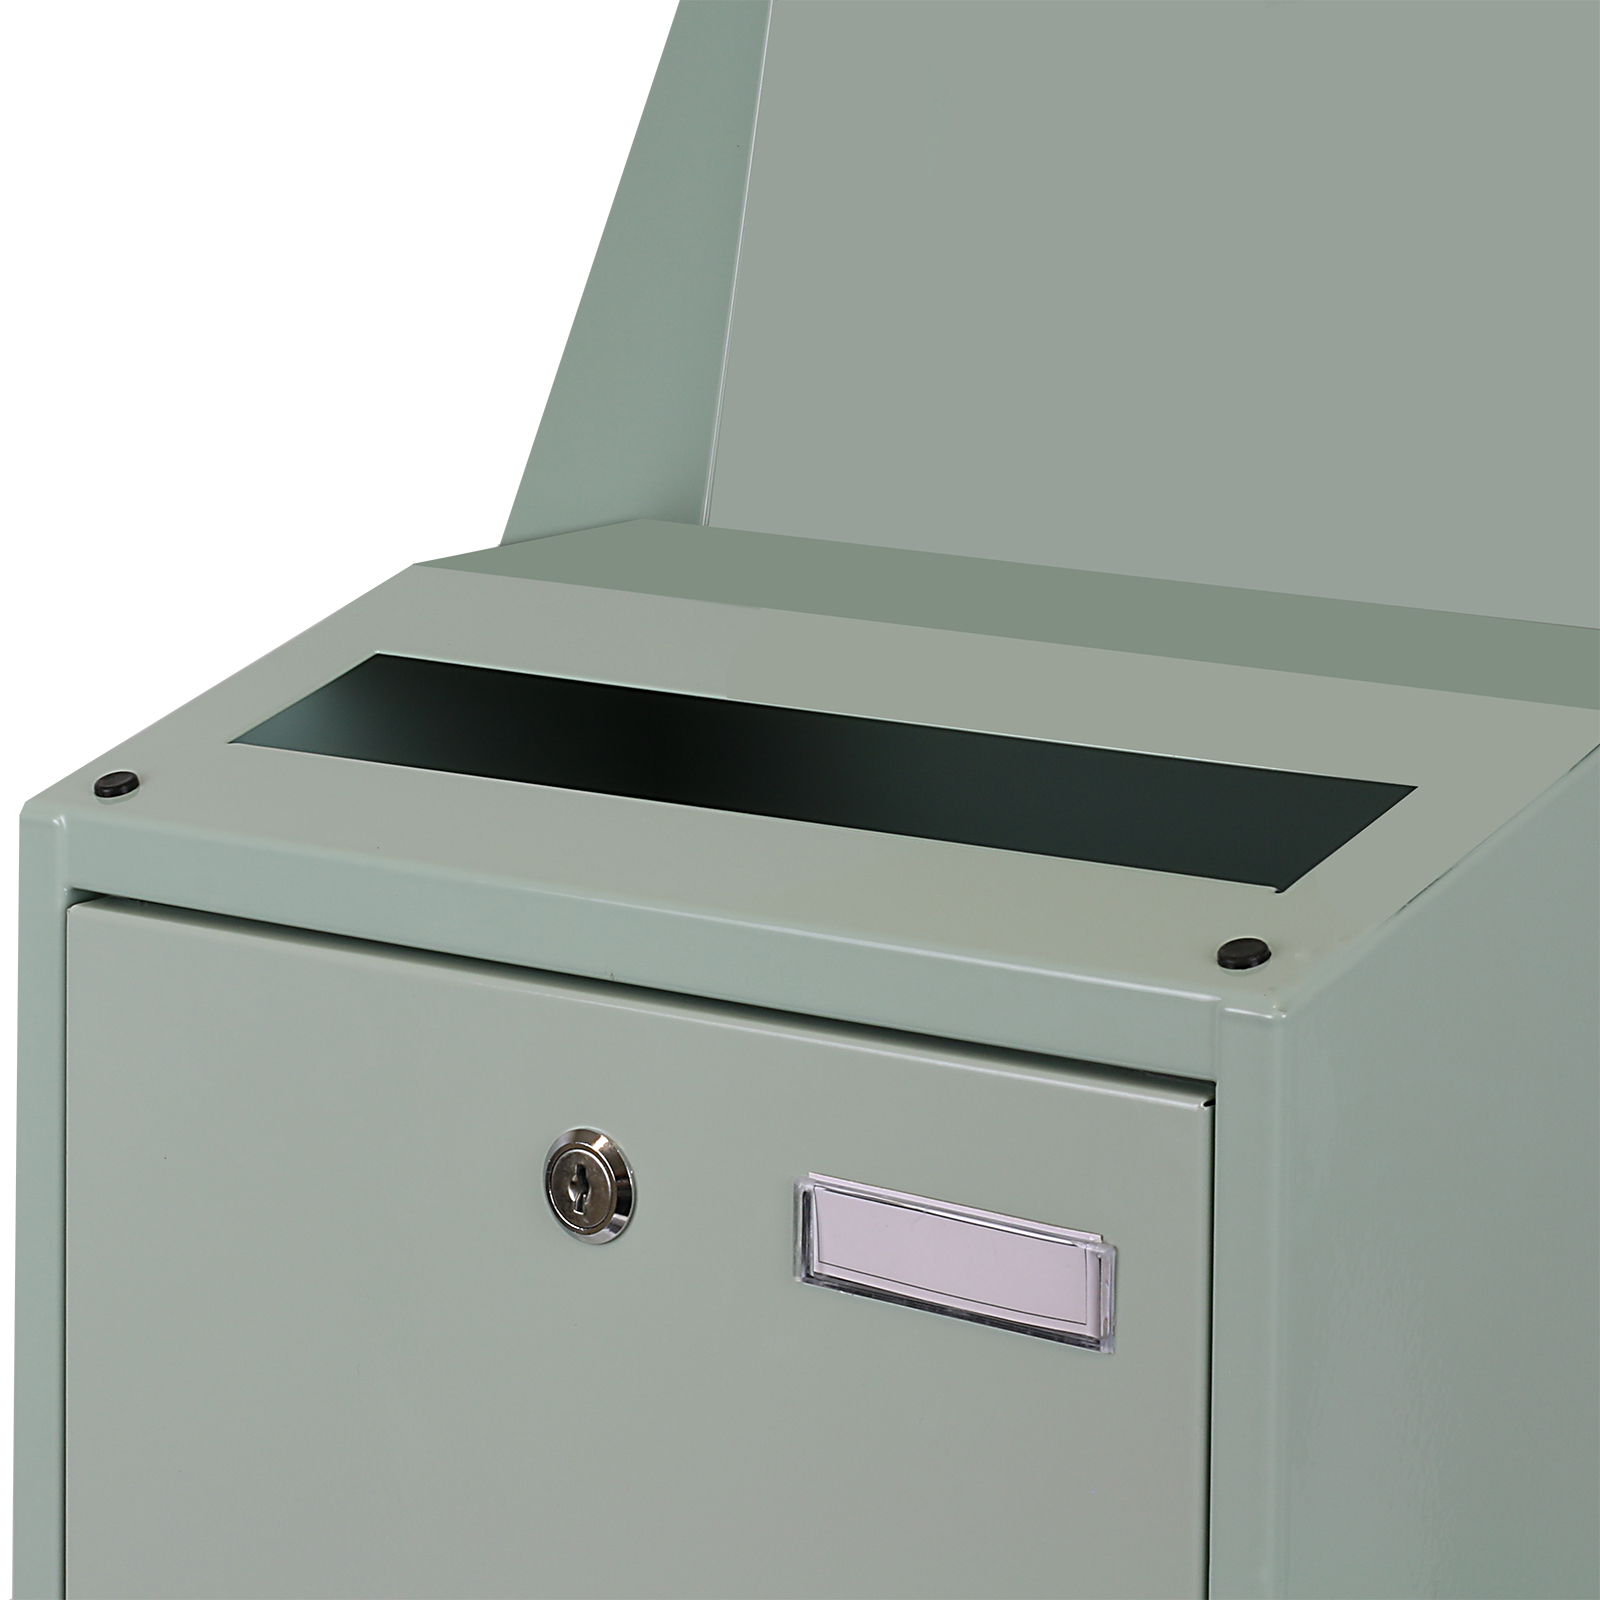 Einzigartig Hardcastle Briefkasten aus Stahl zur Wandbefestigung, Extra Groß  OK23